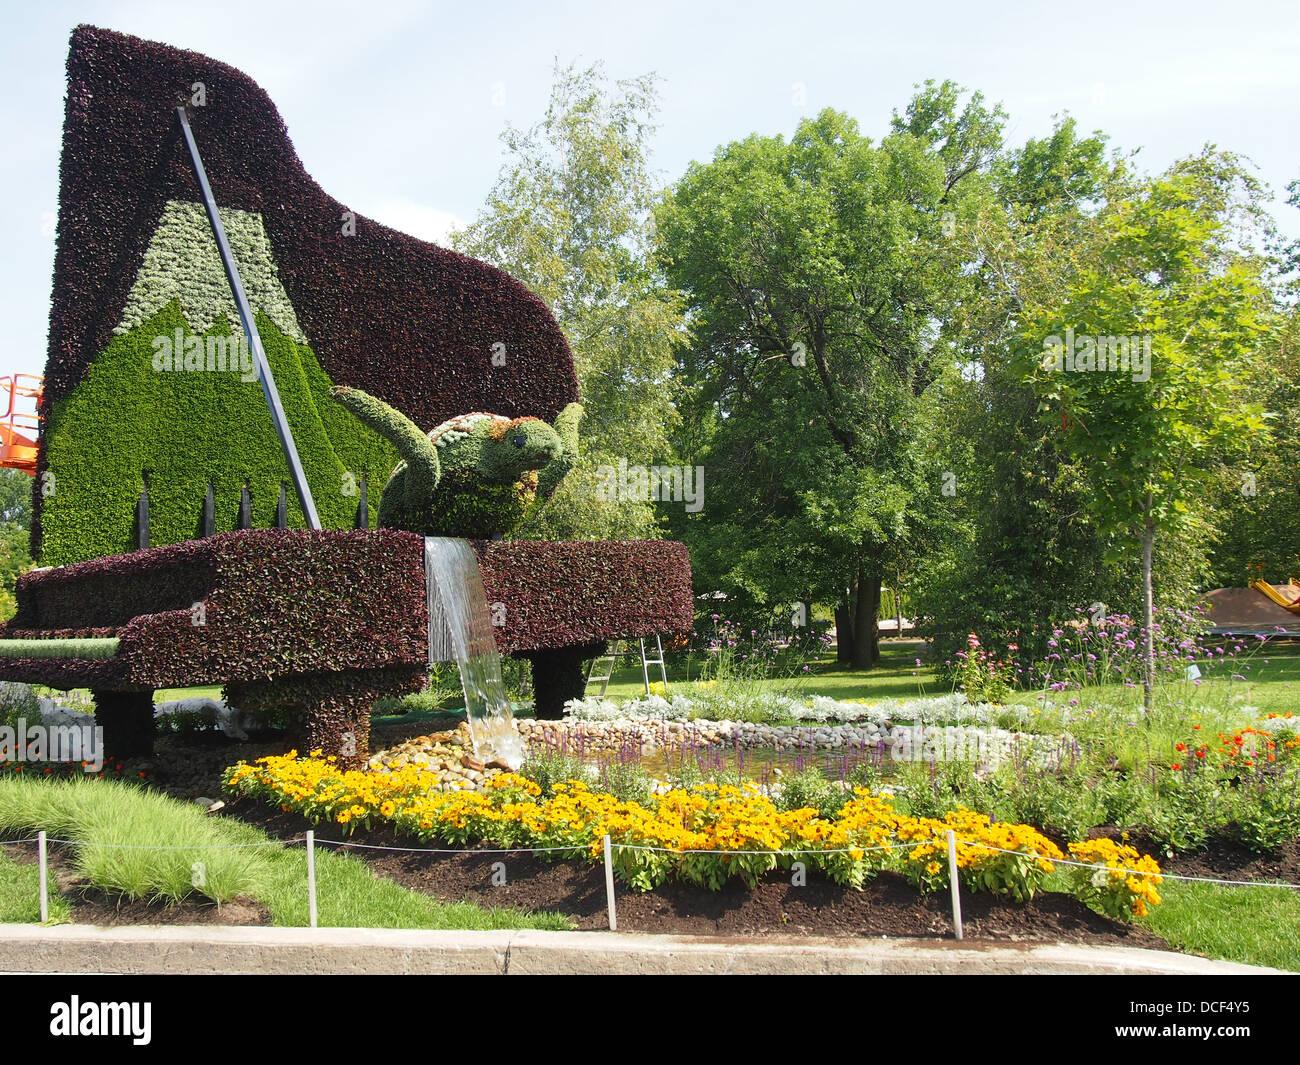 nachhaltige garten kunst skulpturen pflanzen, skulptur der meeresschildkröte und klavier zu pflanzen stockfoto, Design ideen